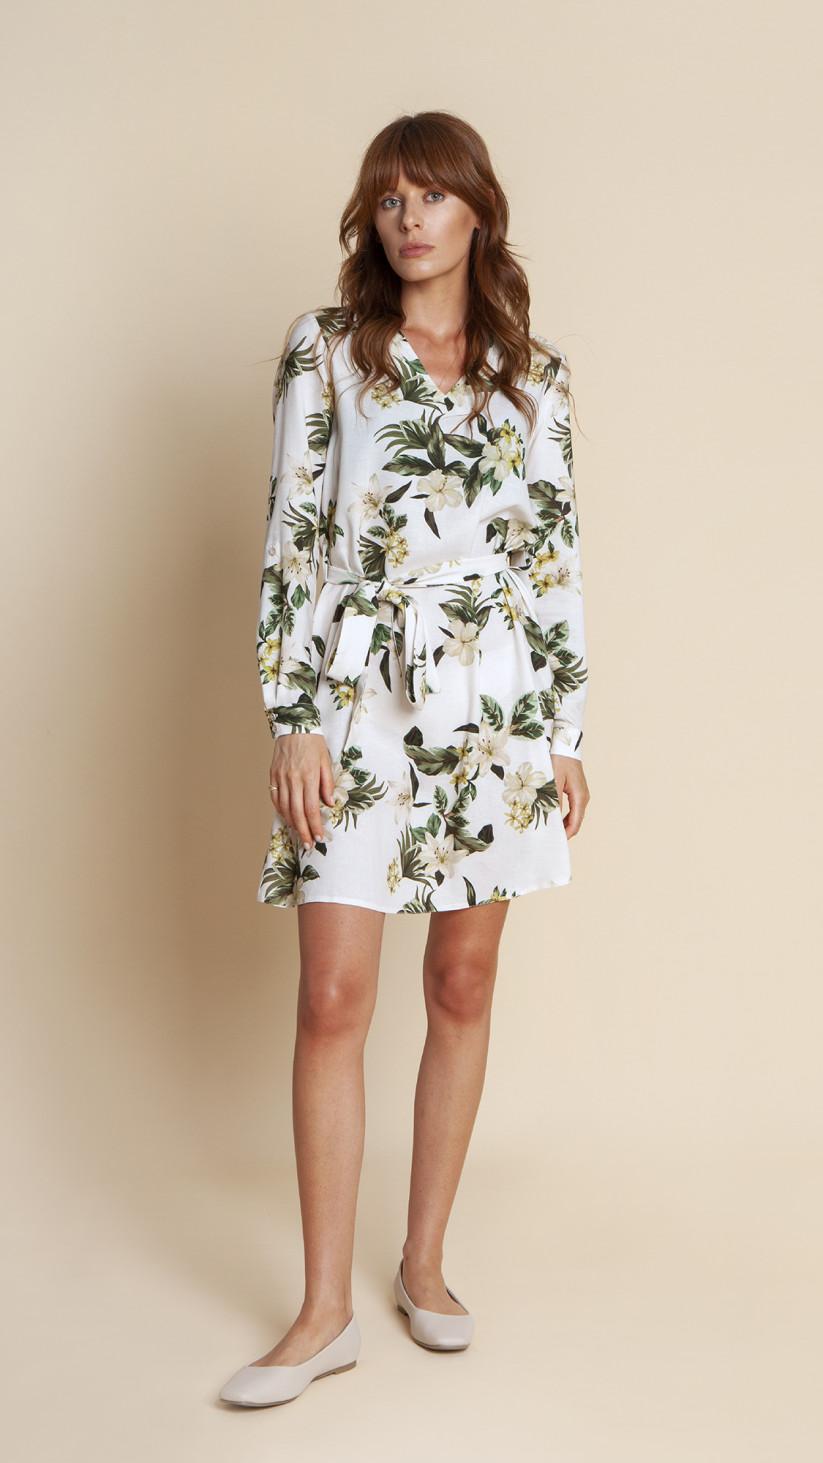 Sukienka Nicole | Kwiecisty Biały | Lekka lniana sukienka o kroju przedłużonej koszuli